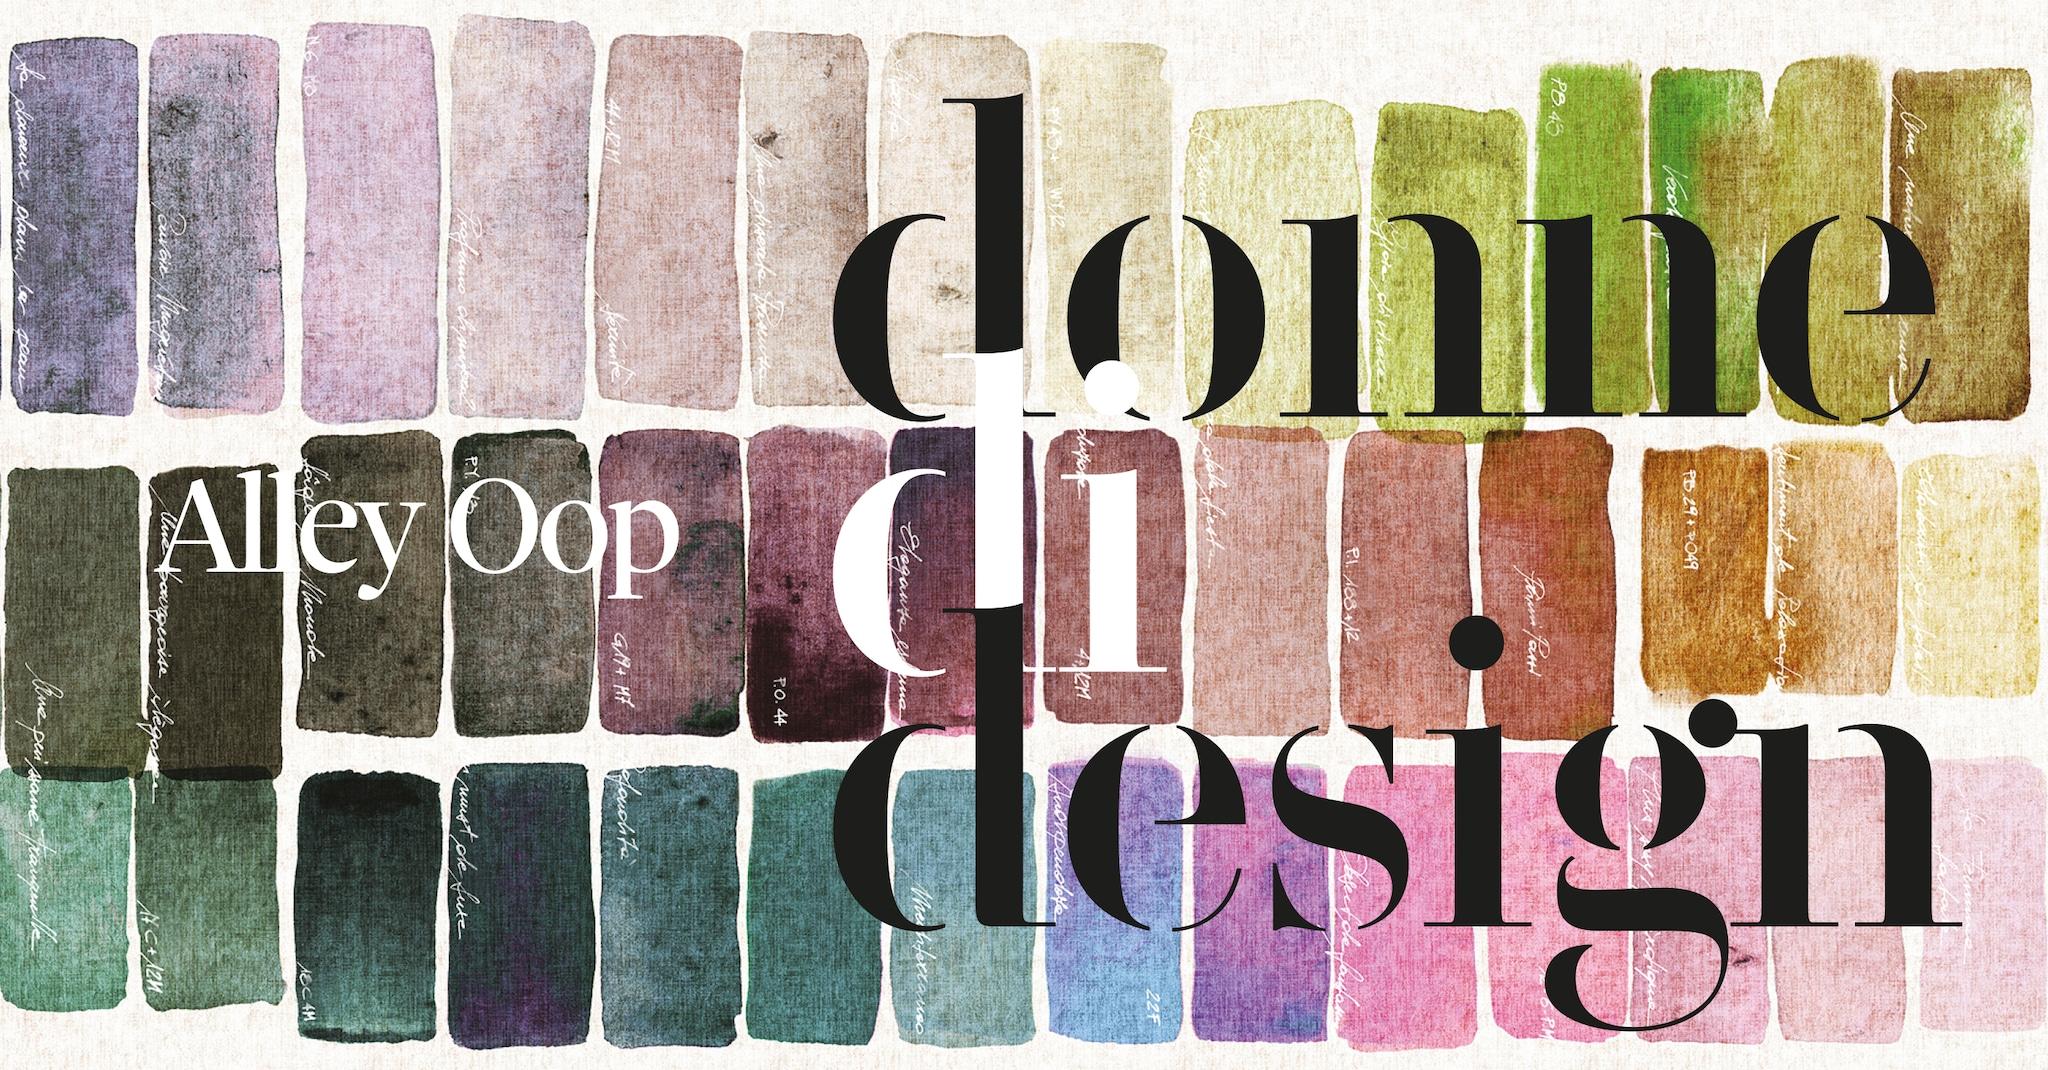 Alley oop donne di design il sole 24 ore for Idee di design di coperta